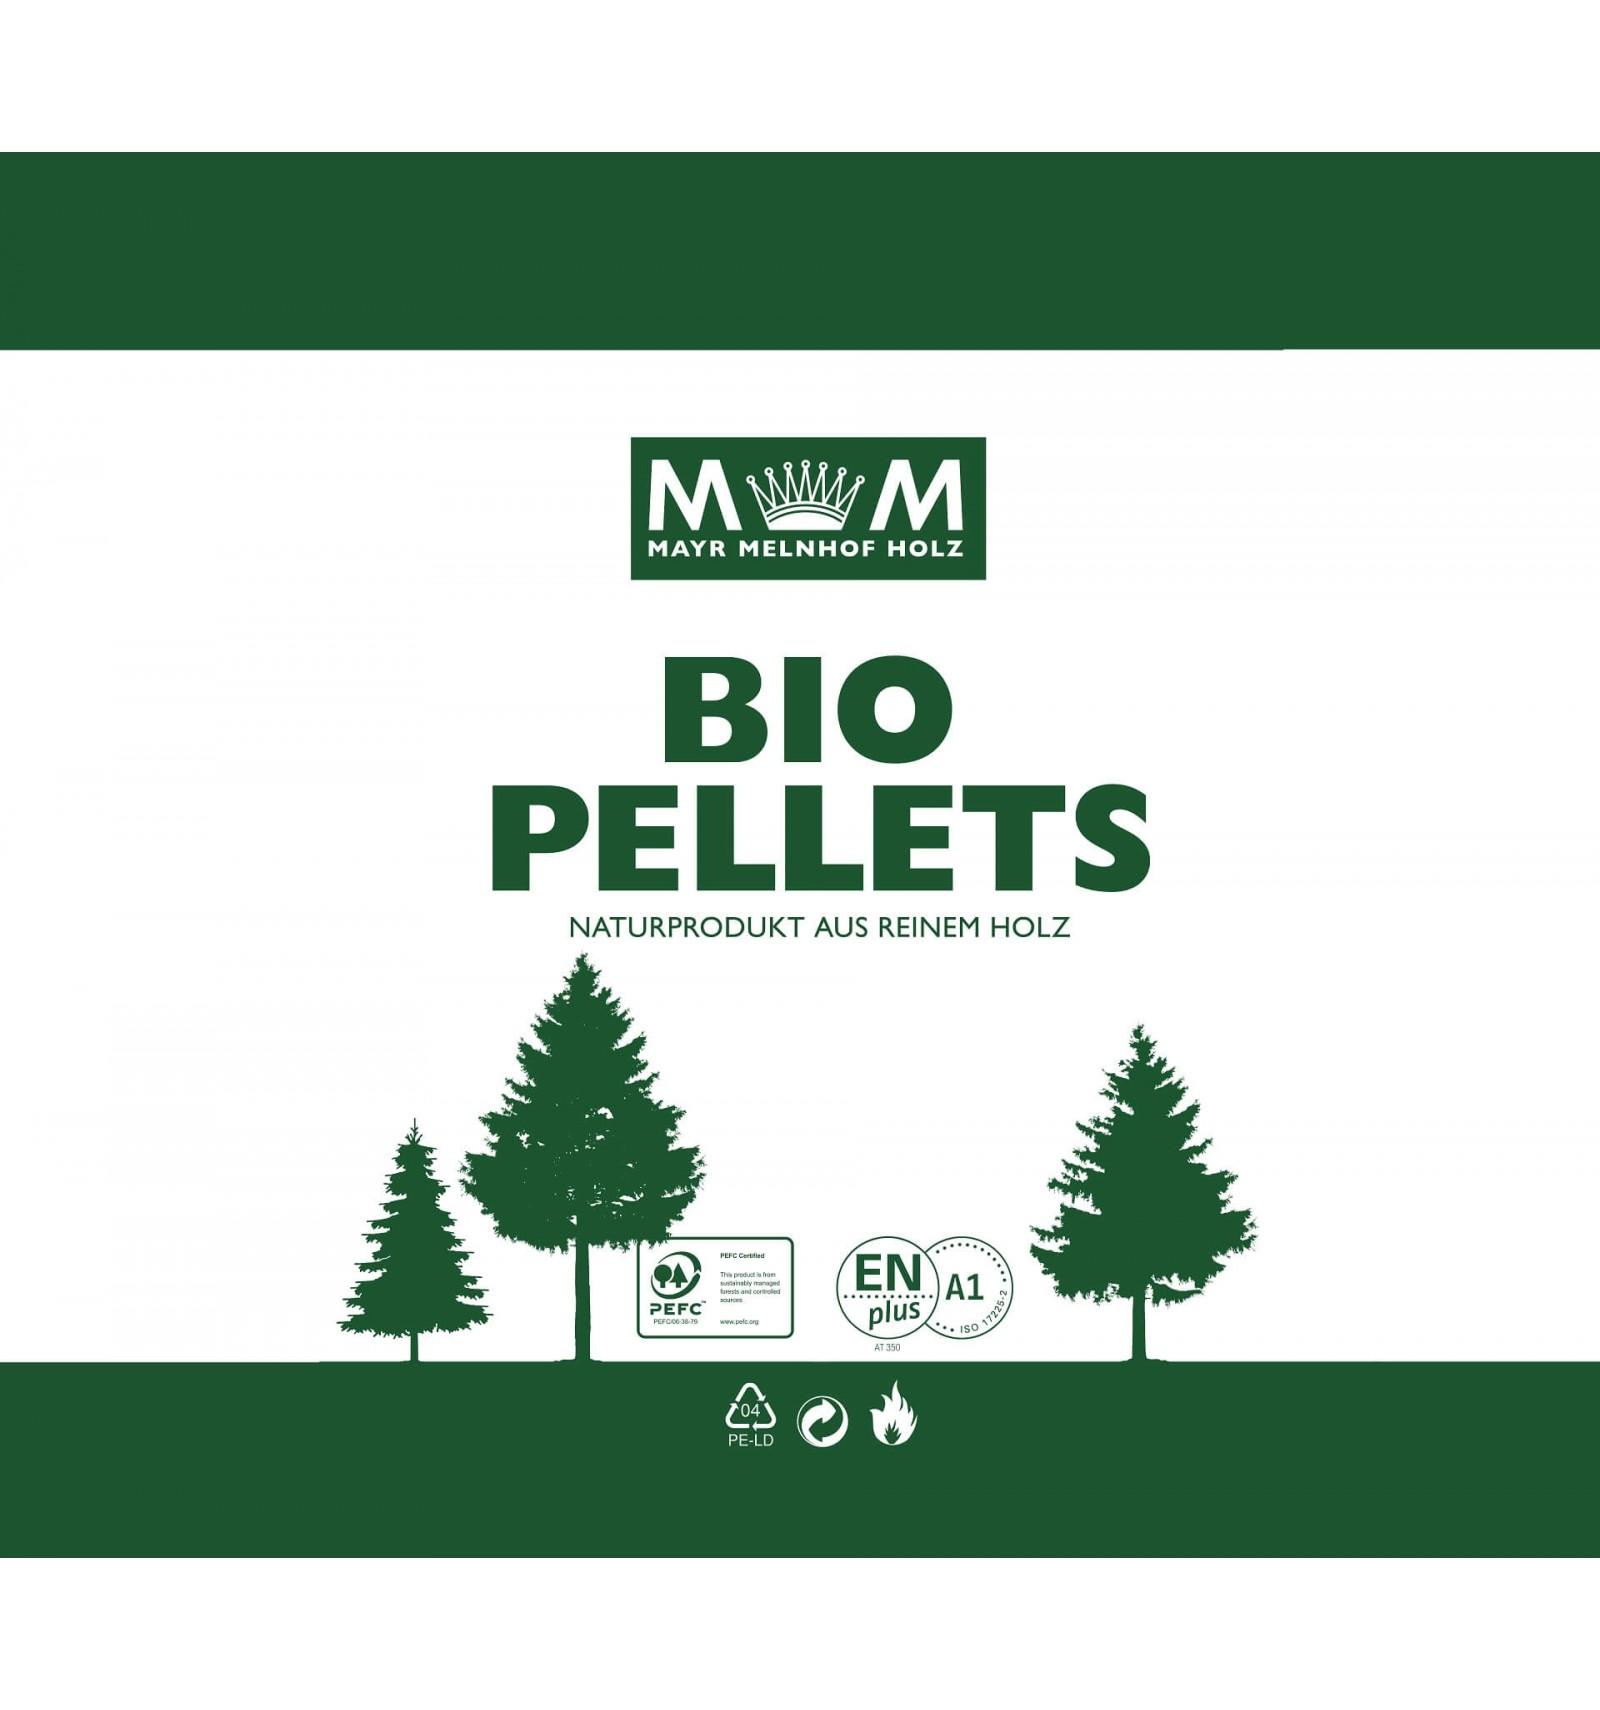 0a76f670aa Livraison de palettes de pellets MMHolz Bio Pellets au meilleur prix